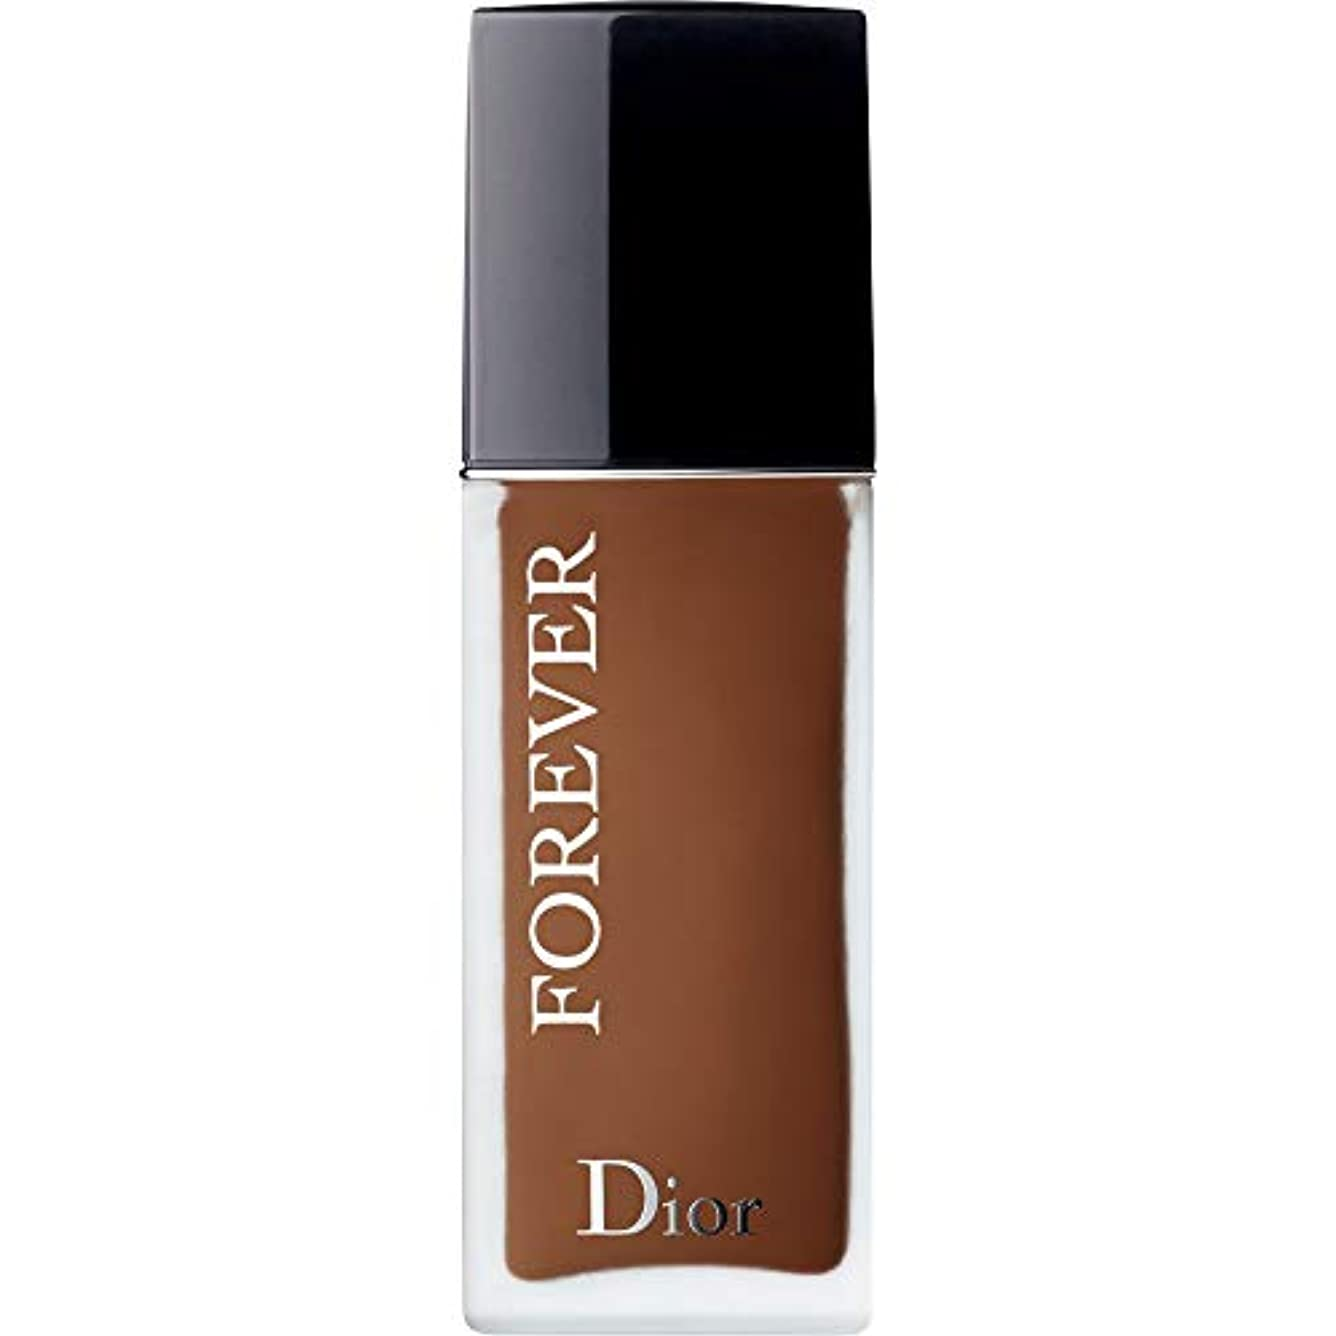 代表ブローホール素敵な[Dior ] ディオール永遠皮膚思いやりの基盤Spf35 30ミリリットルの8N - ニュートラル(つや消し) - DIOR Forever Skin-Caring Foundation SPF35 30ml 8N -...